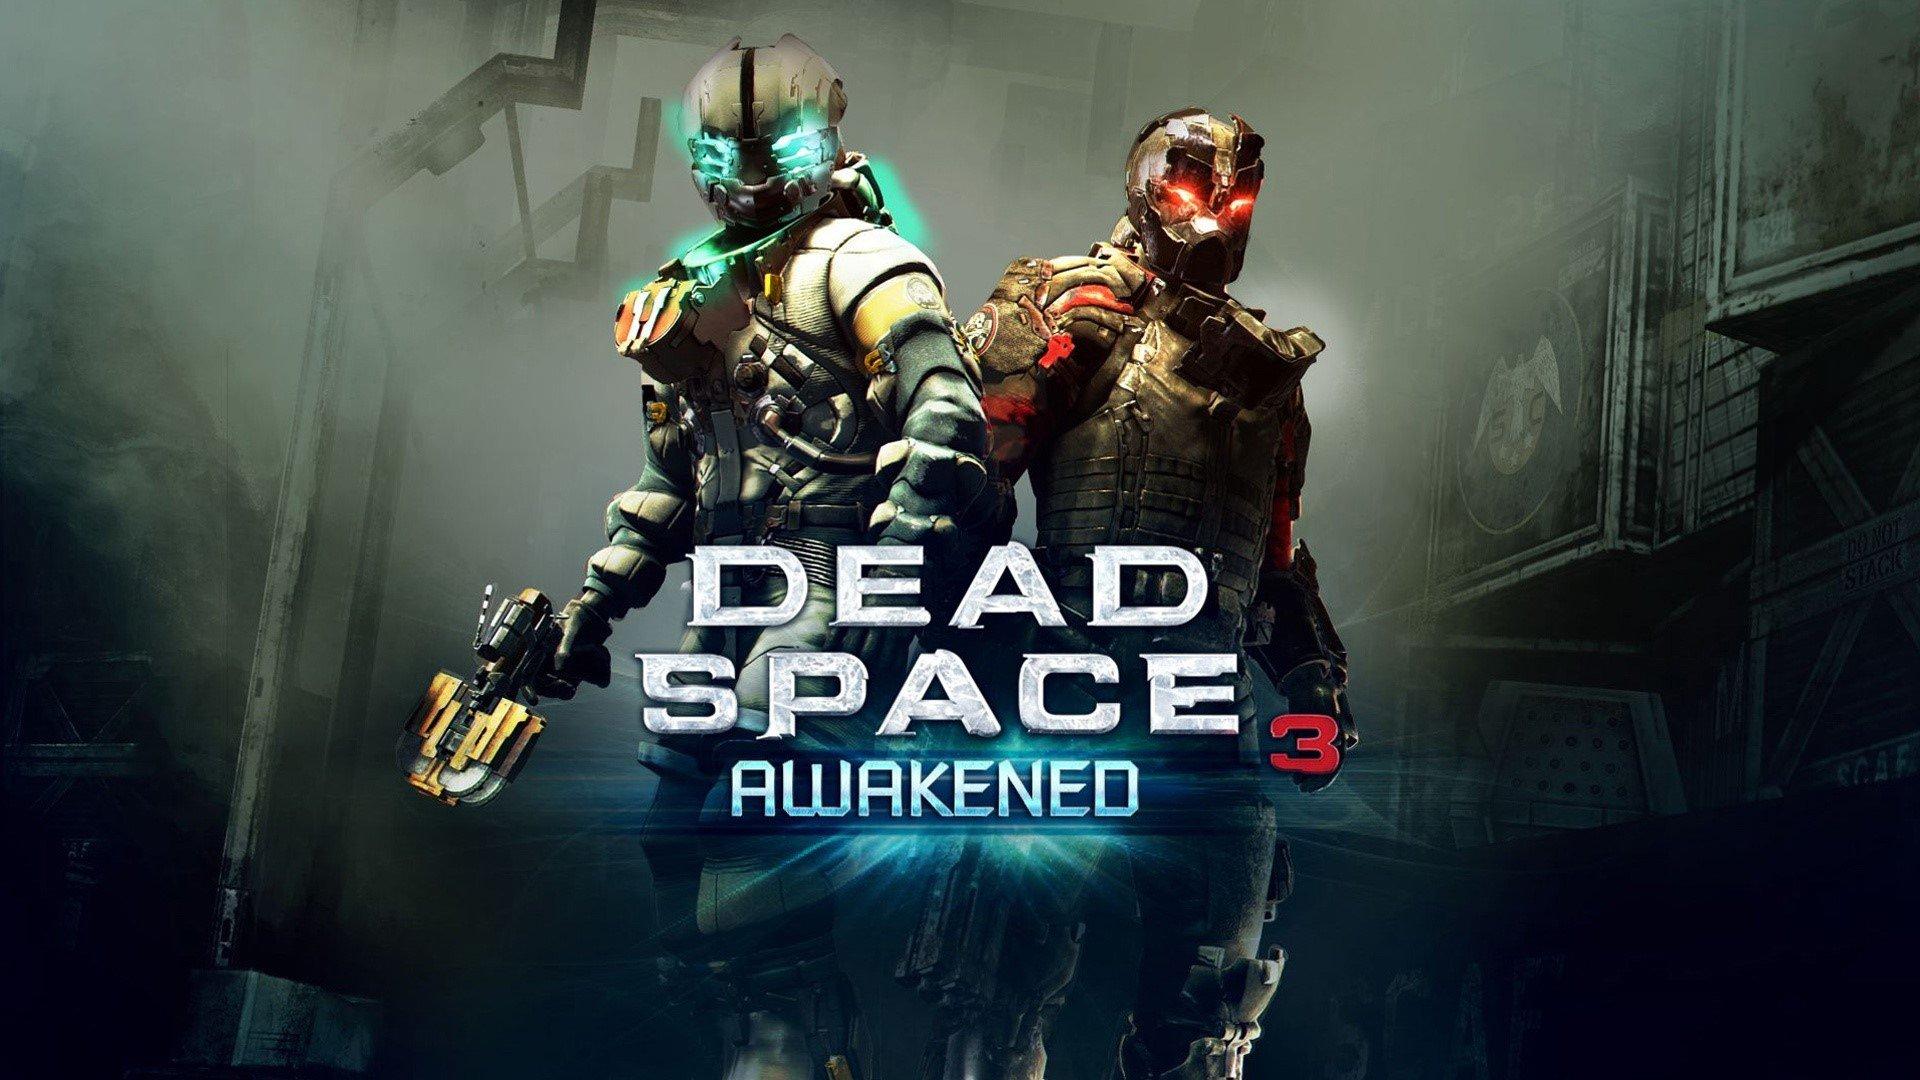 Dead Space 3 Awakened Wallpaper Full Hd Id 1088